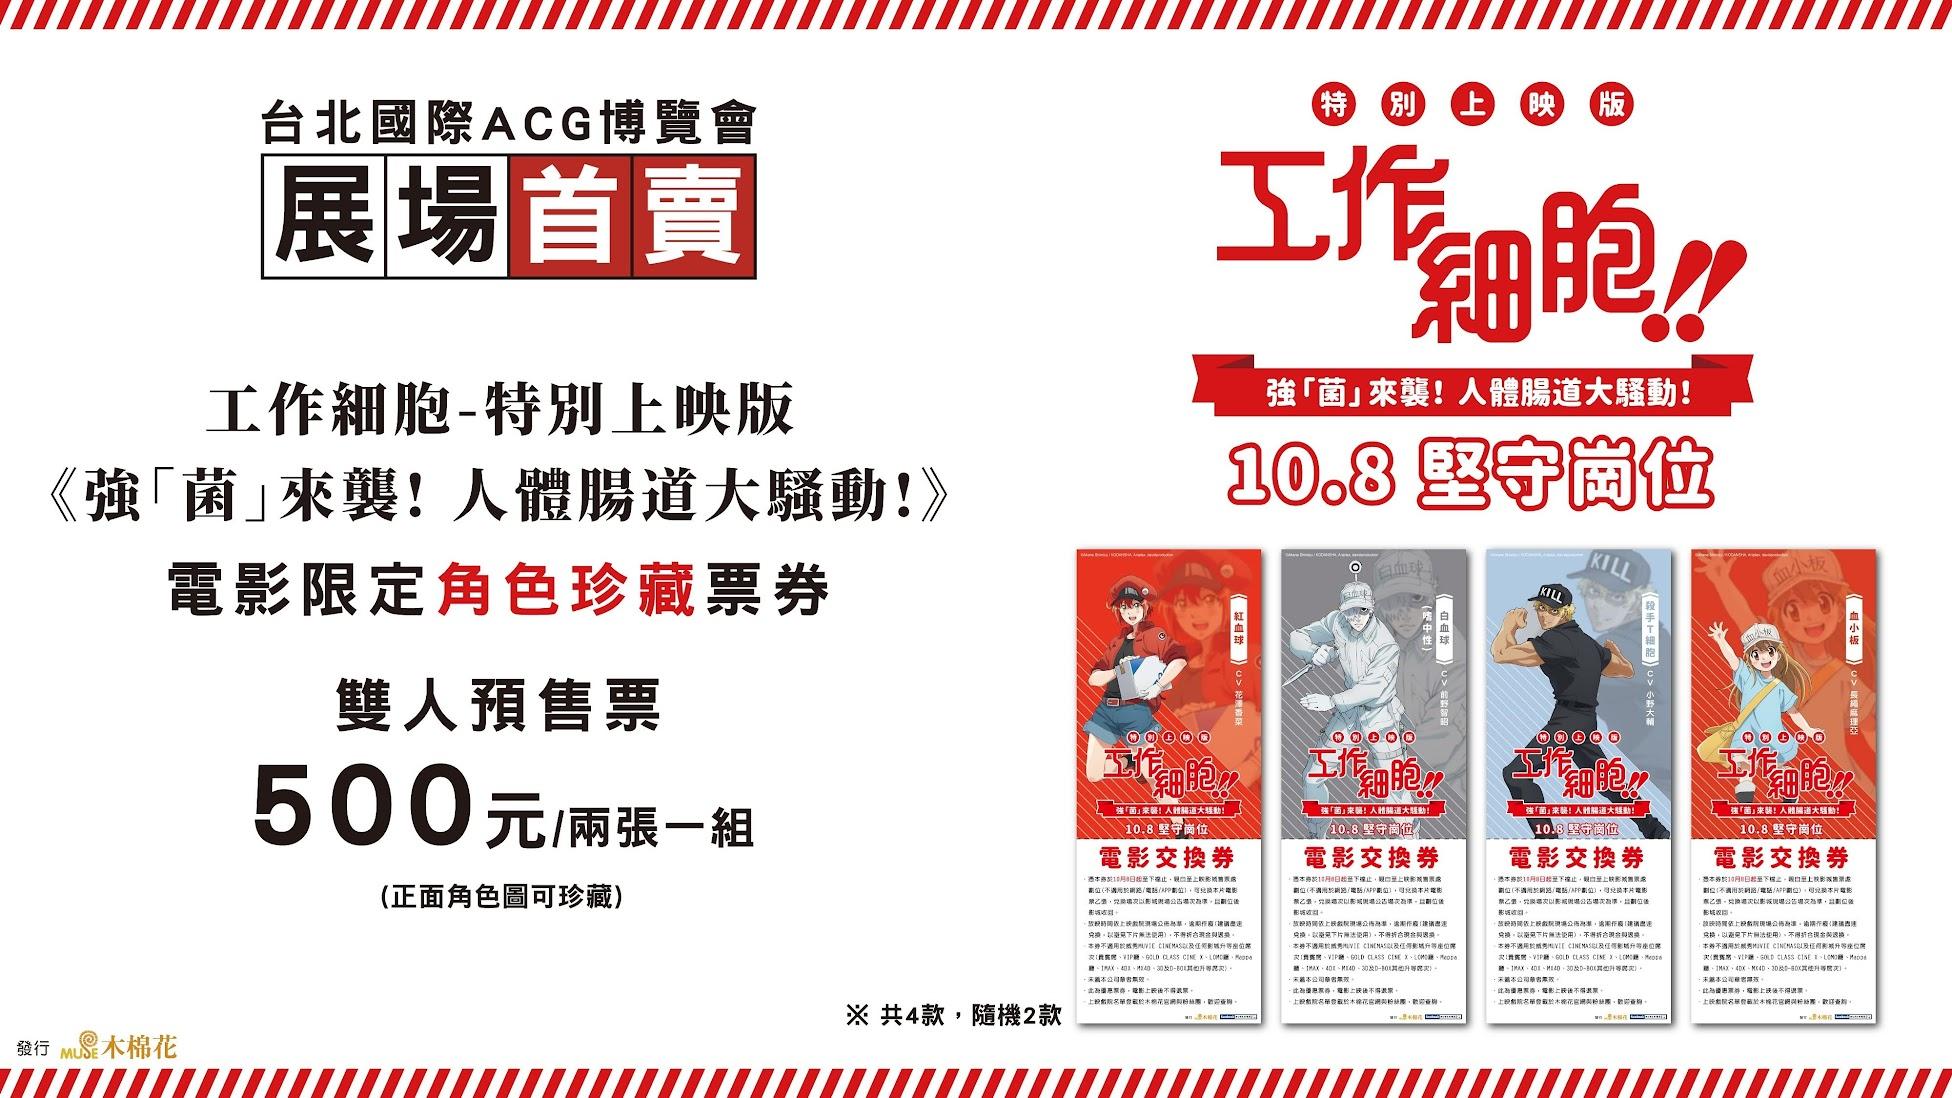 《 工作細胞 》電影限定角色珍藏預售票  7月30日台北國際ACG博覽會首賣、上映影城公開!